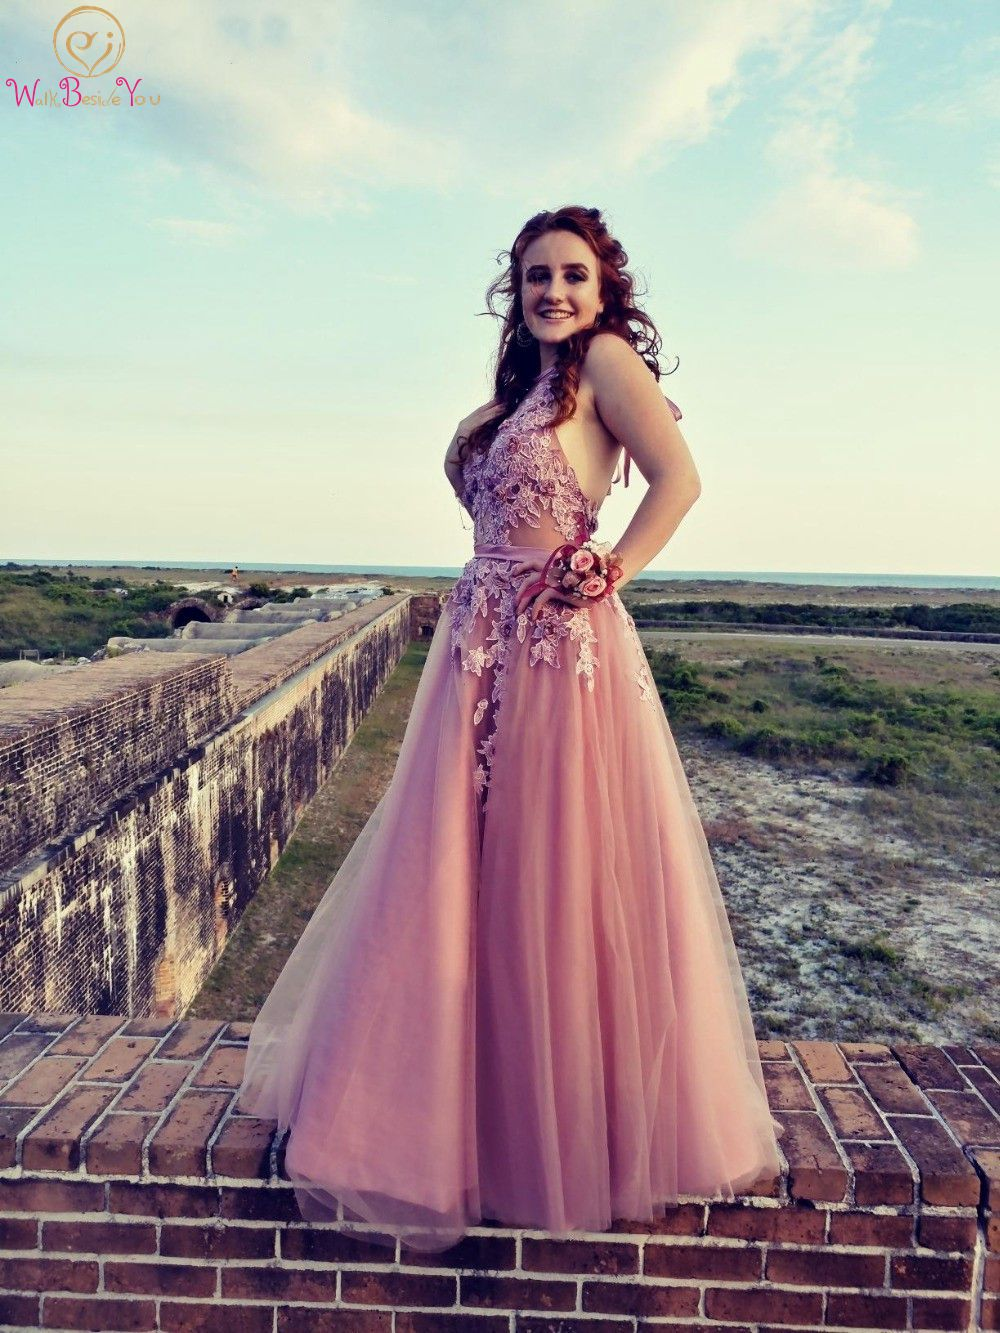 US $76.44 30% OFF Halter Prom Dresses Lace Appliques Plus Size Long 2019  Pink Belt Tulle Sweep Train vestidos de graduacion largos Evening Gowns-in  ...